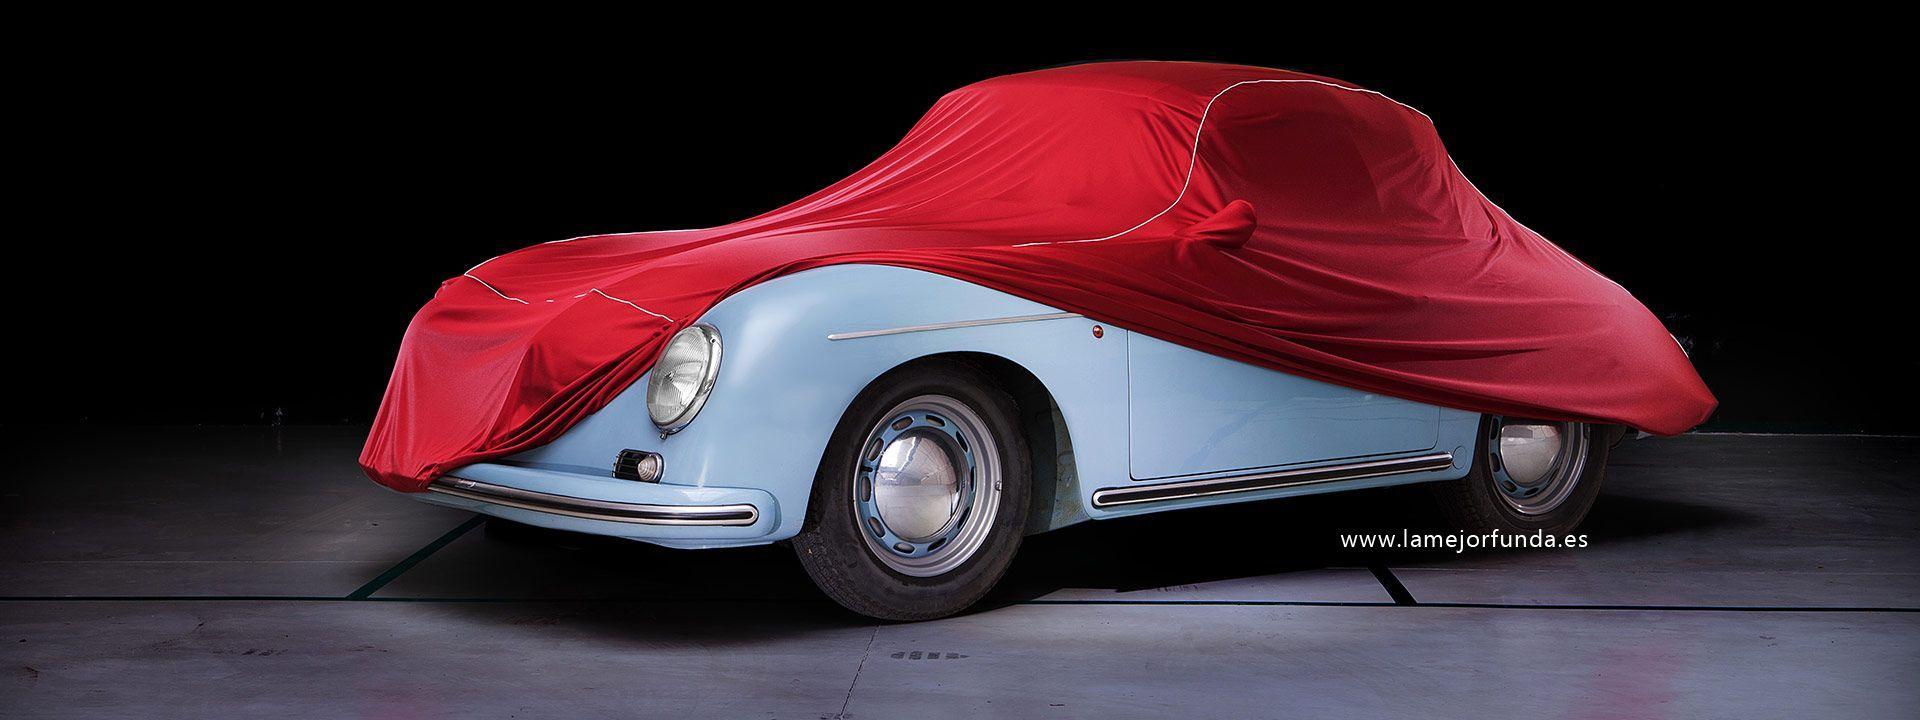 Fundas para coches clásicos